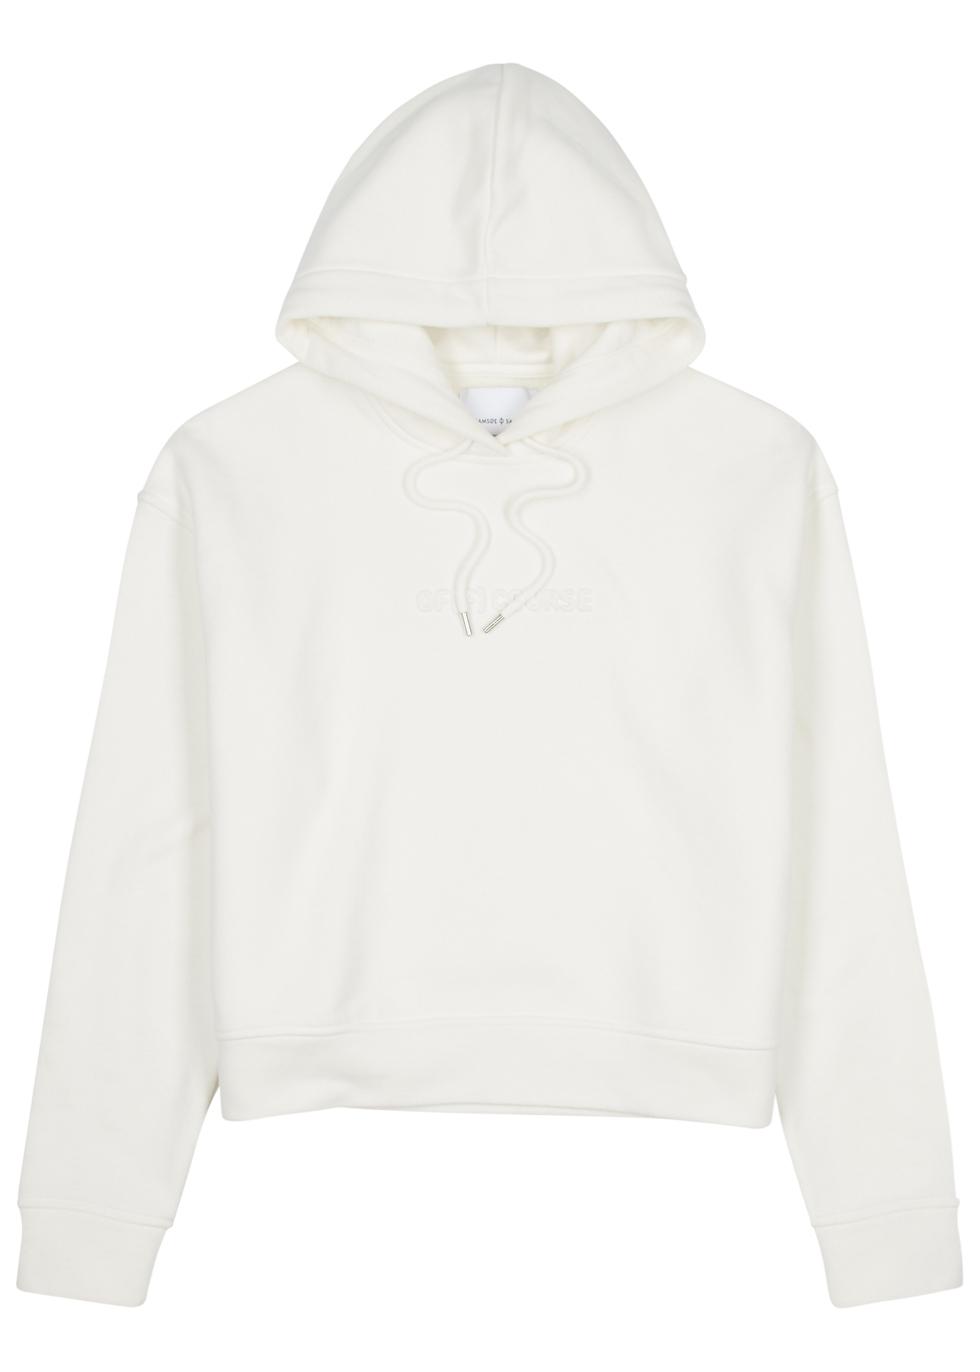 SAMS0E & SAMS0E Kelsey Cream Jersey Sweatshirt